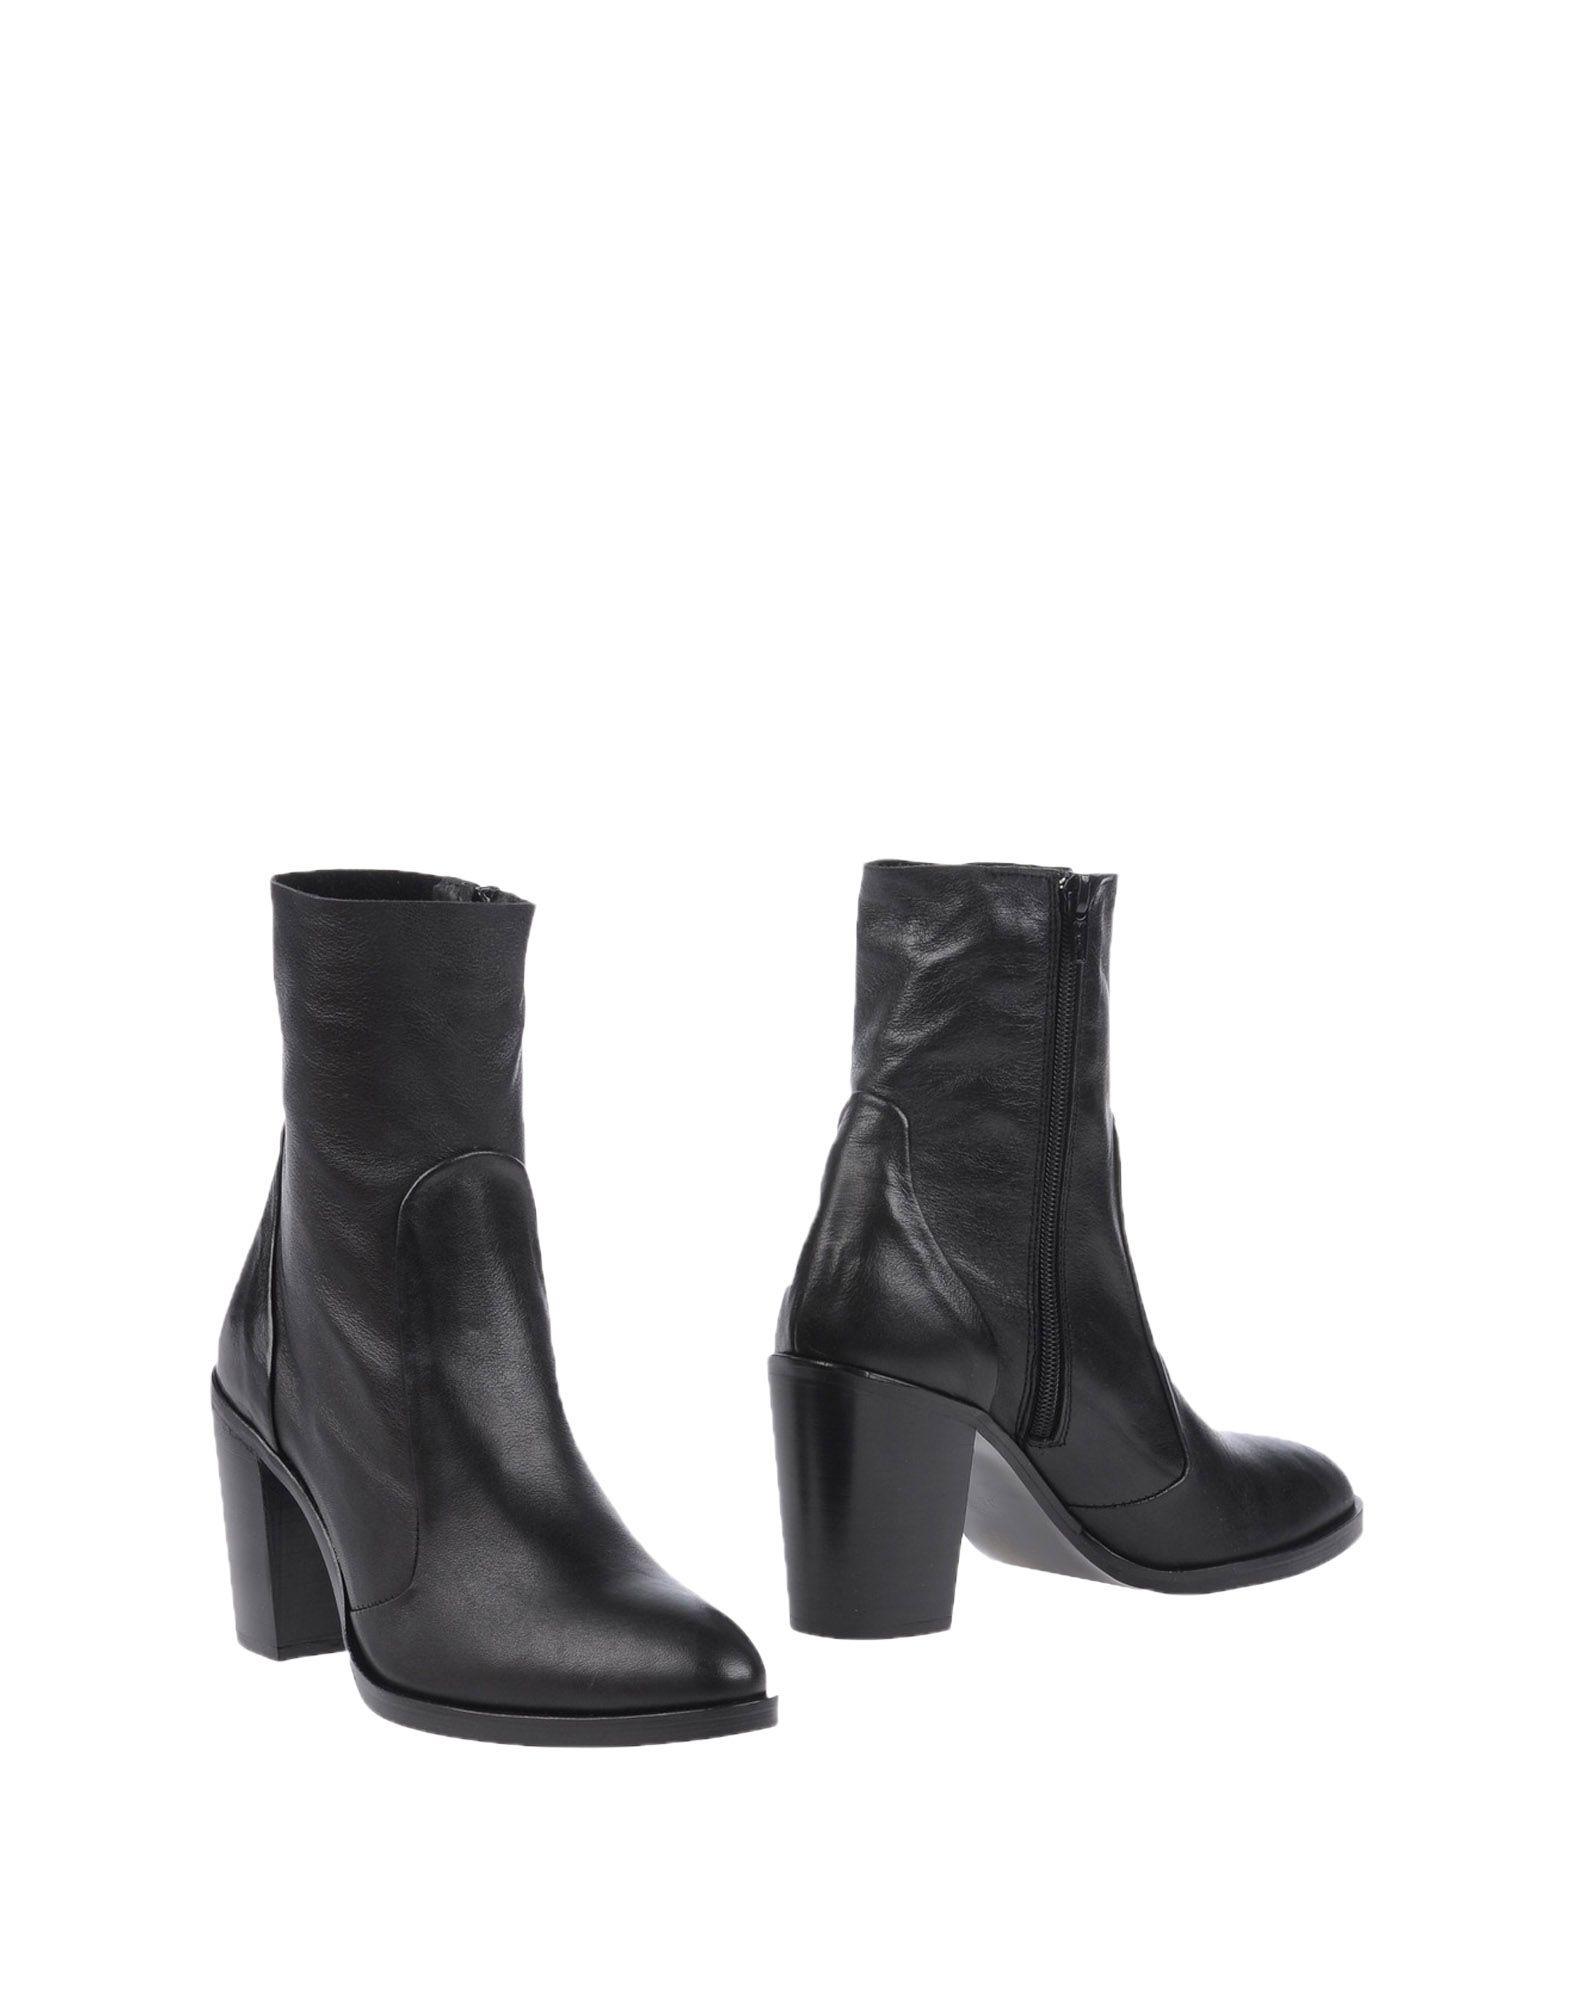 Cross Walk Stiefelette Damen  11156701TR Gute Qualität beliebte Schuhe